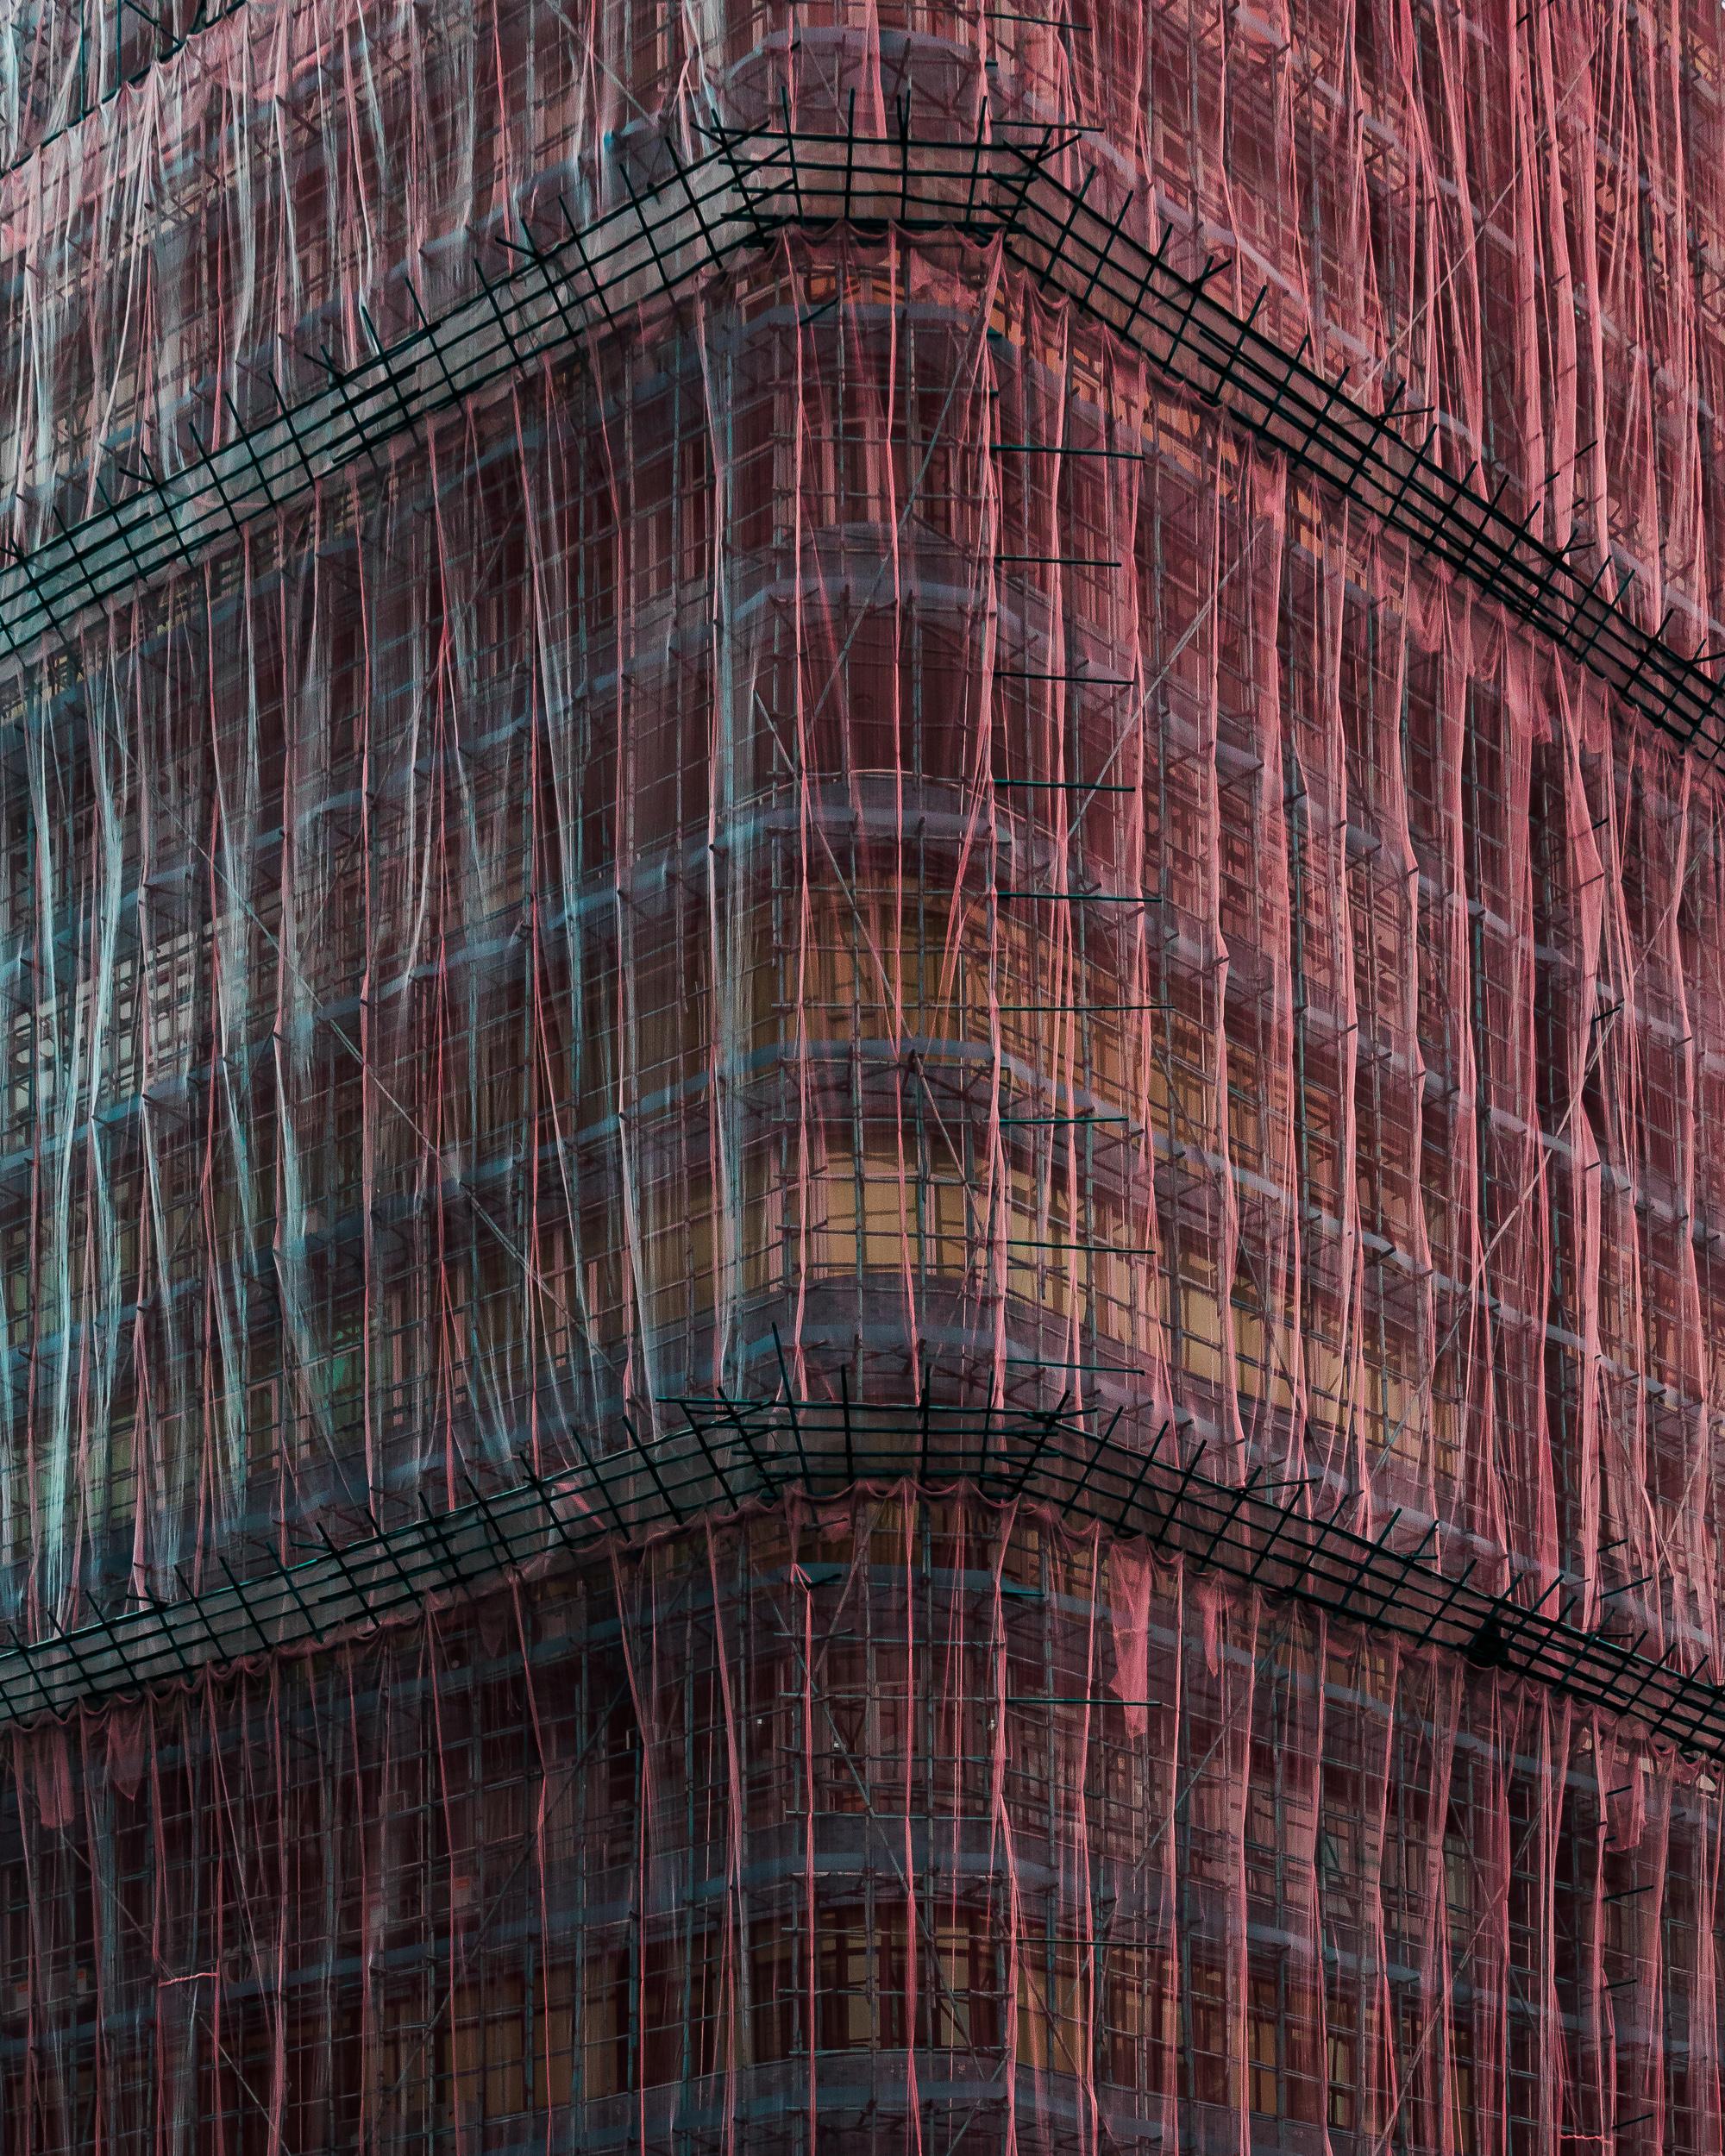 汤姆·莱顿(Tom Leighton)用竹棚架掩盖香港建筑物的照片